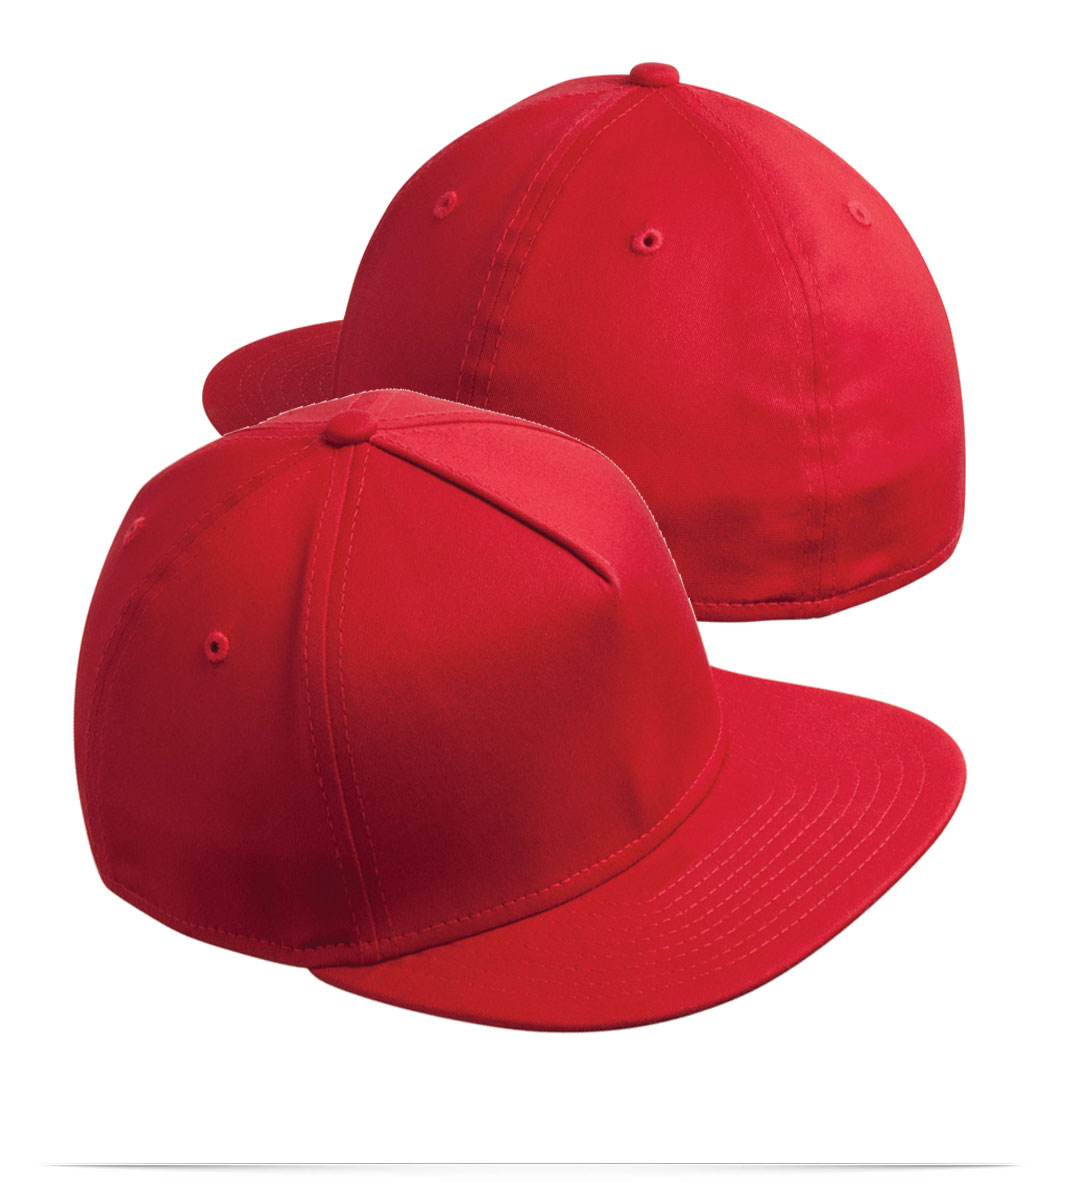 Personalized New Era Flat Bill Stretch Cap